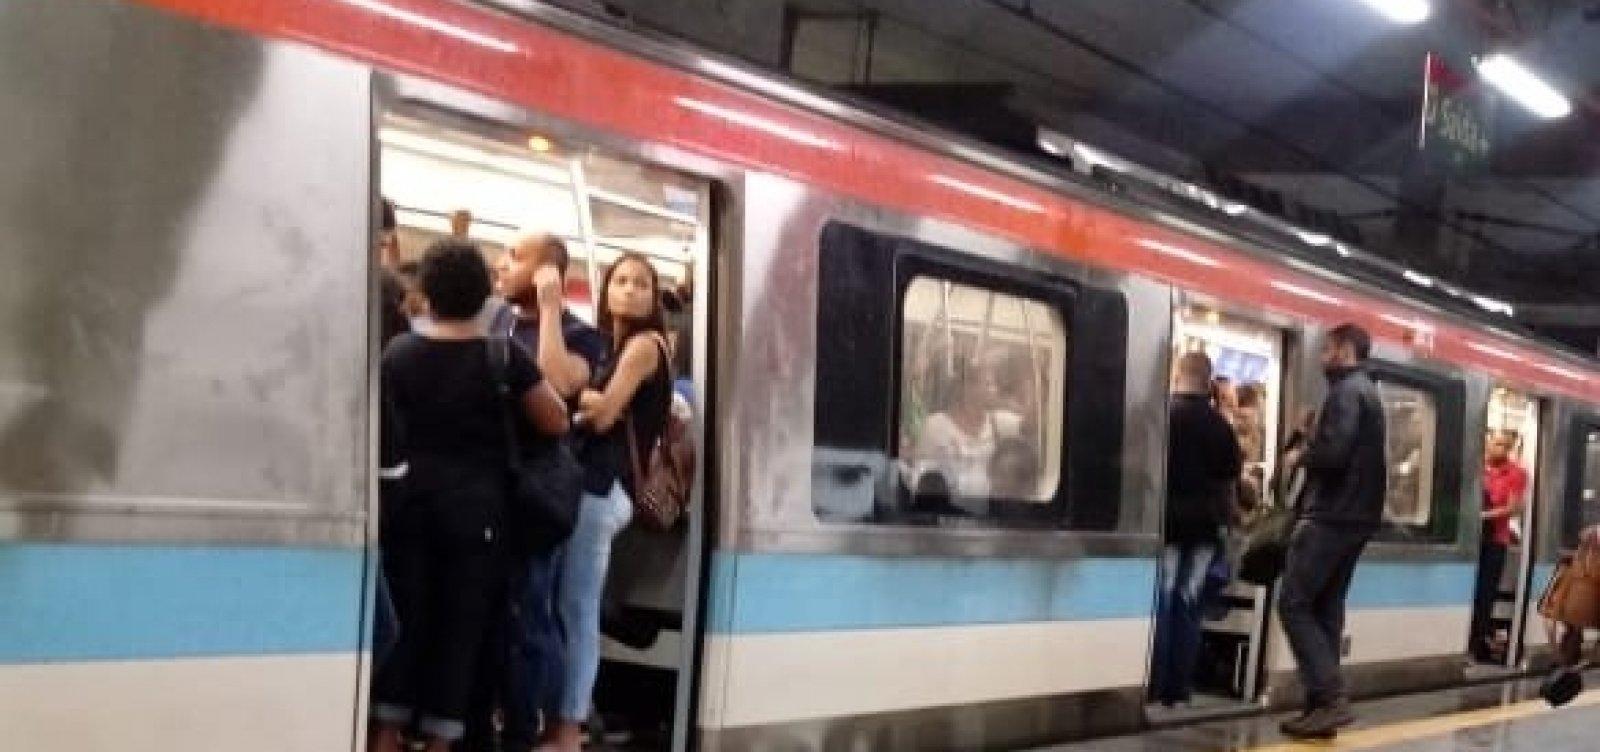 Trecho da linha 2 do metrô volta a operar após suspensão por conta das chuvas